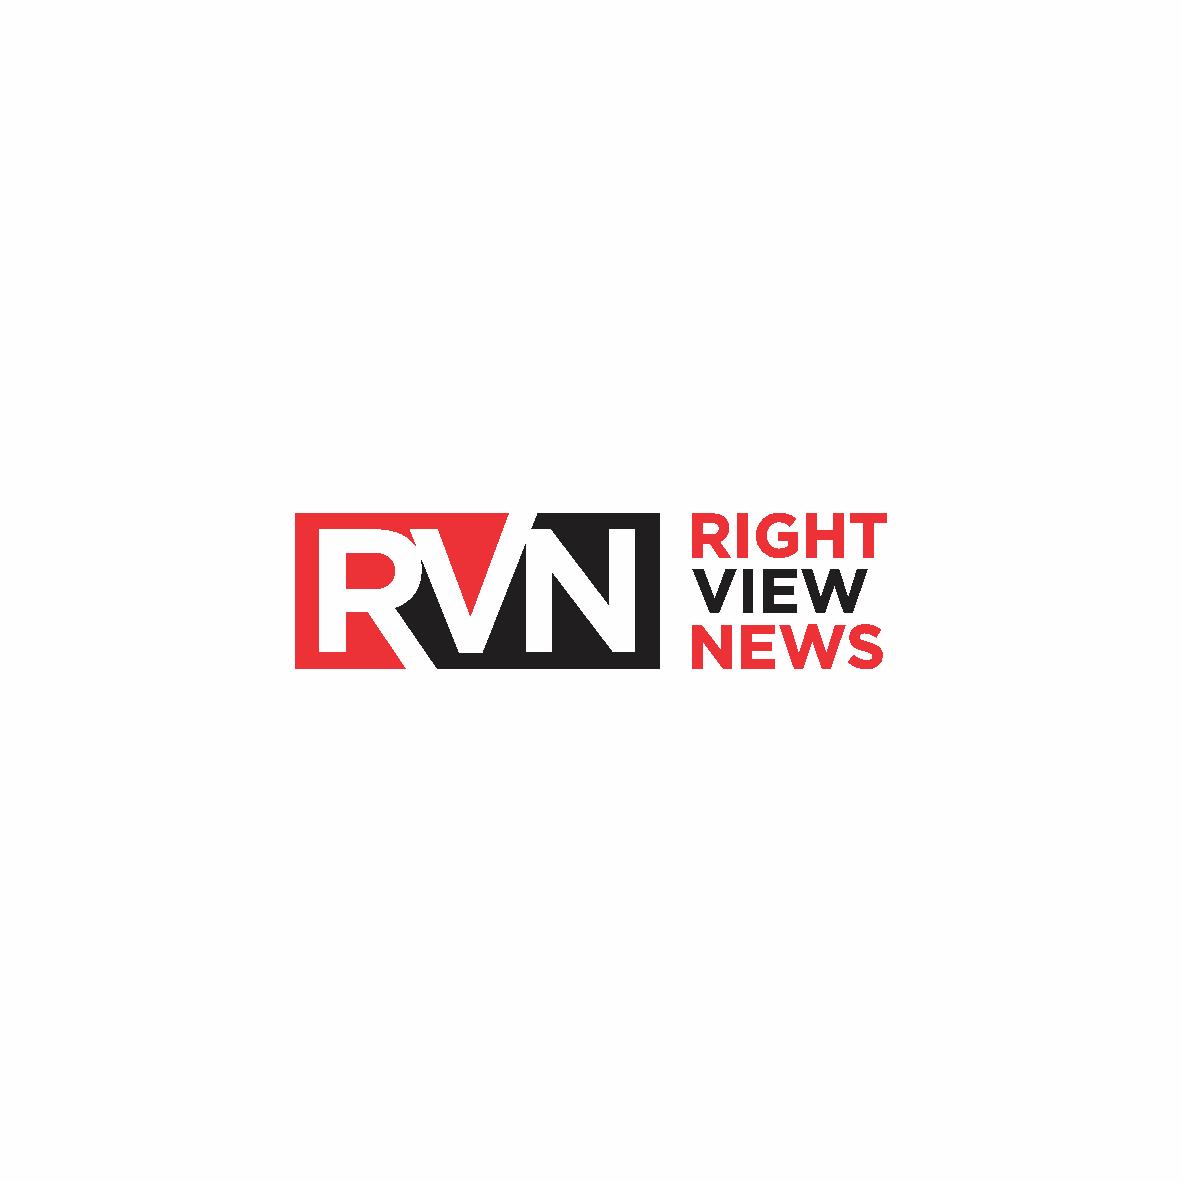 Logo design for the next big social media news network